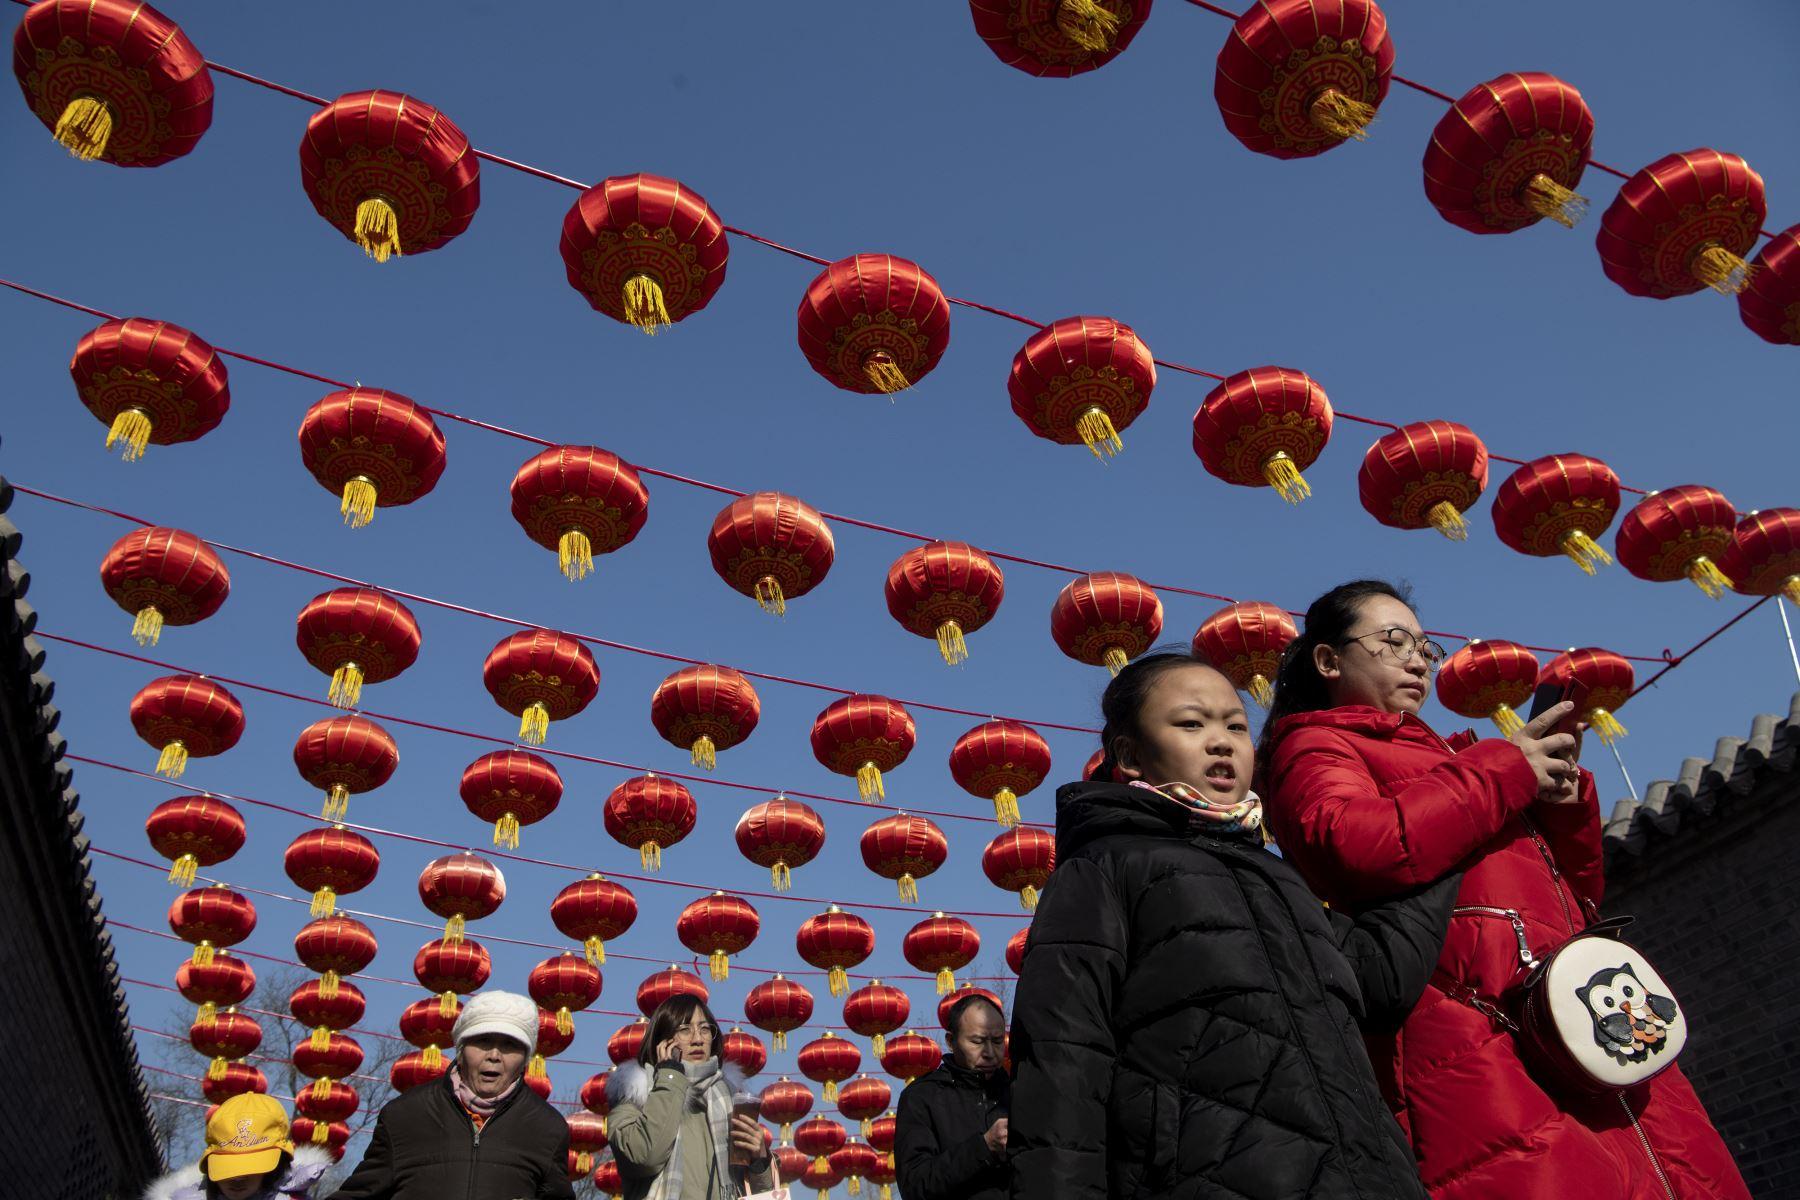 La gente camina bajo linternas chinas a lo largo de una calle en Beijing, antes del Año Nuevo Lunar de la Rata. Foto: AFP